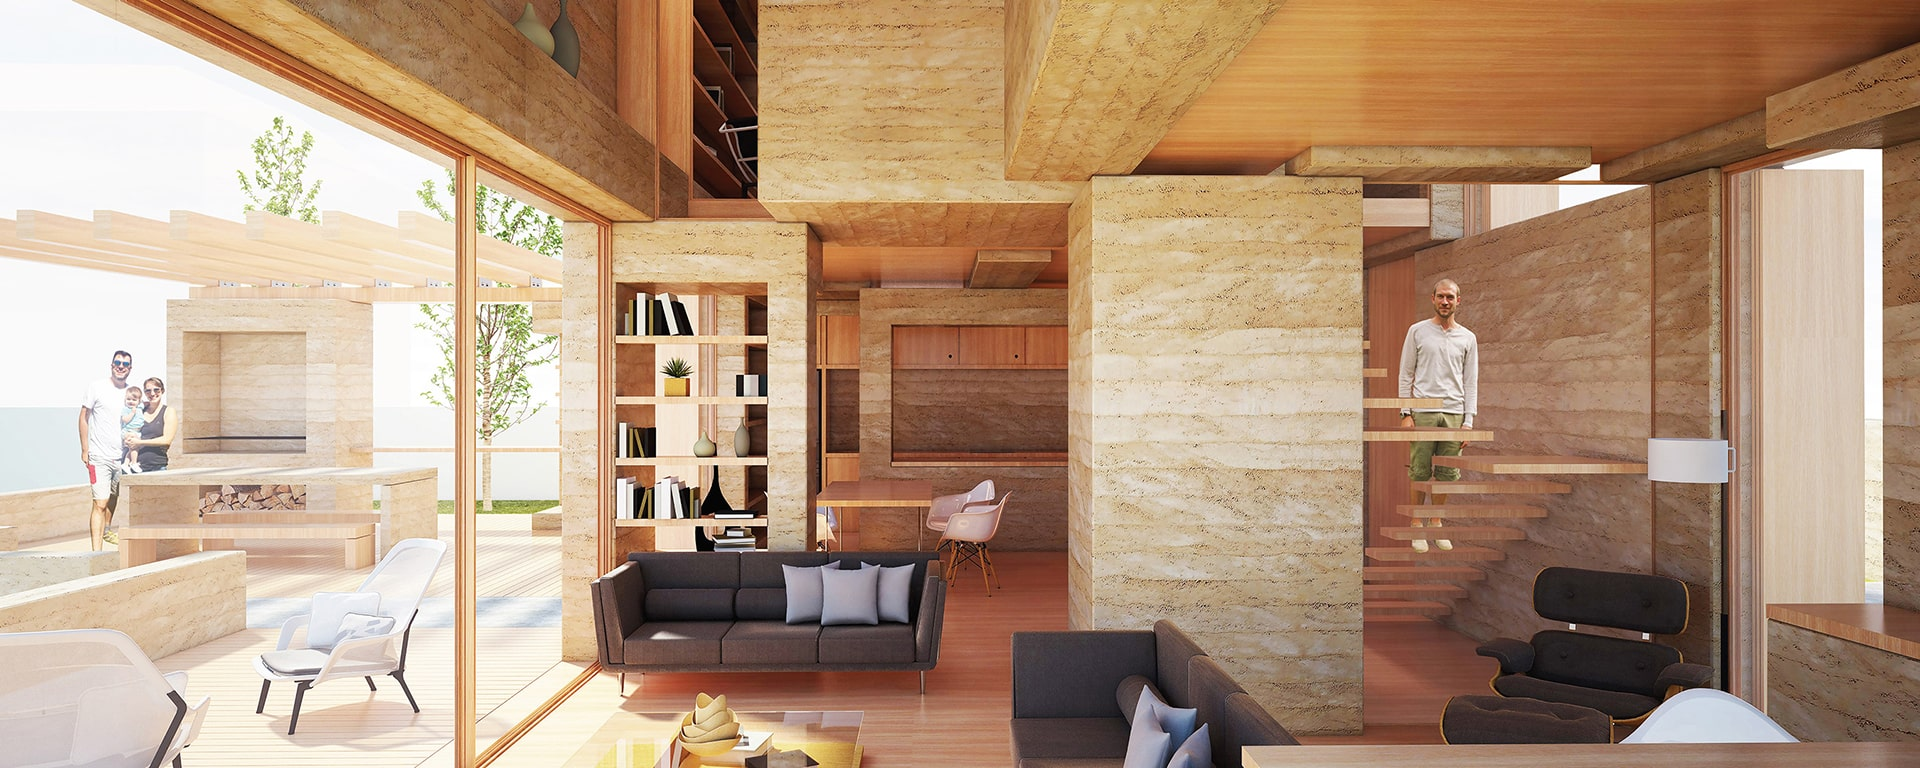 Sala de estar de la Casa apilada